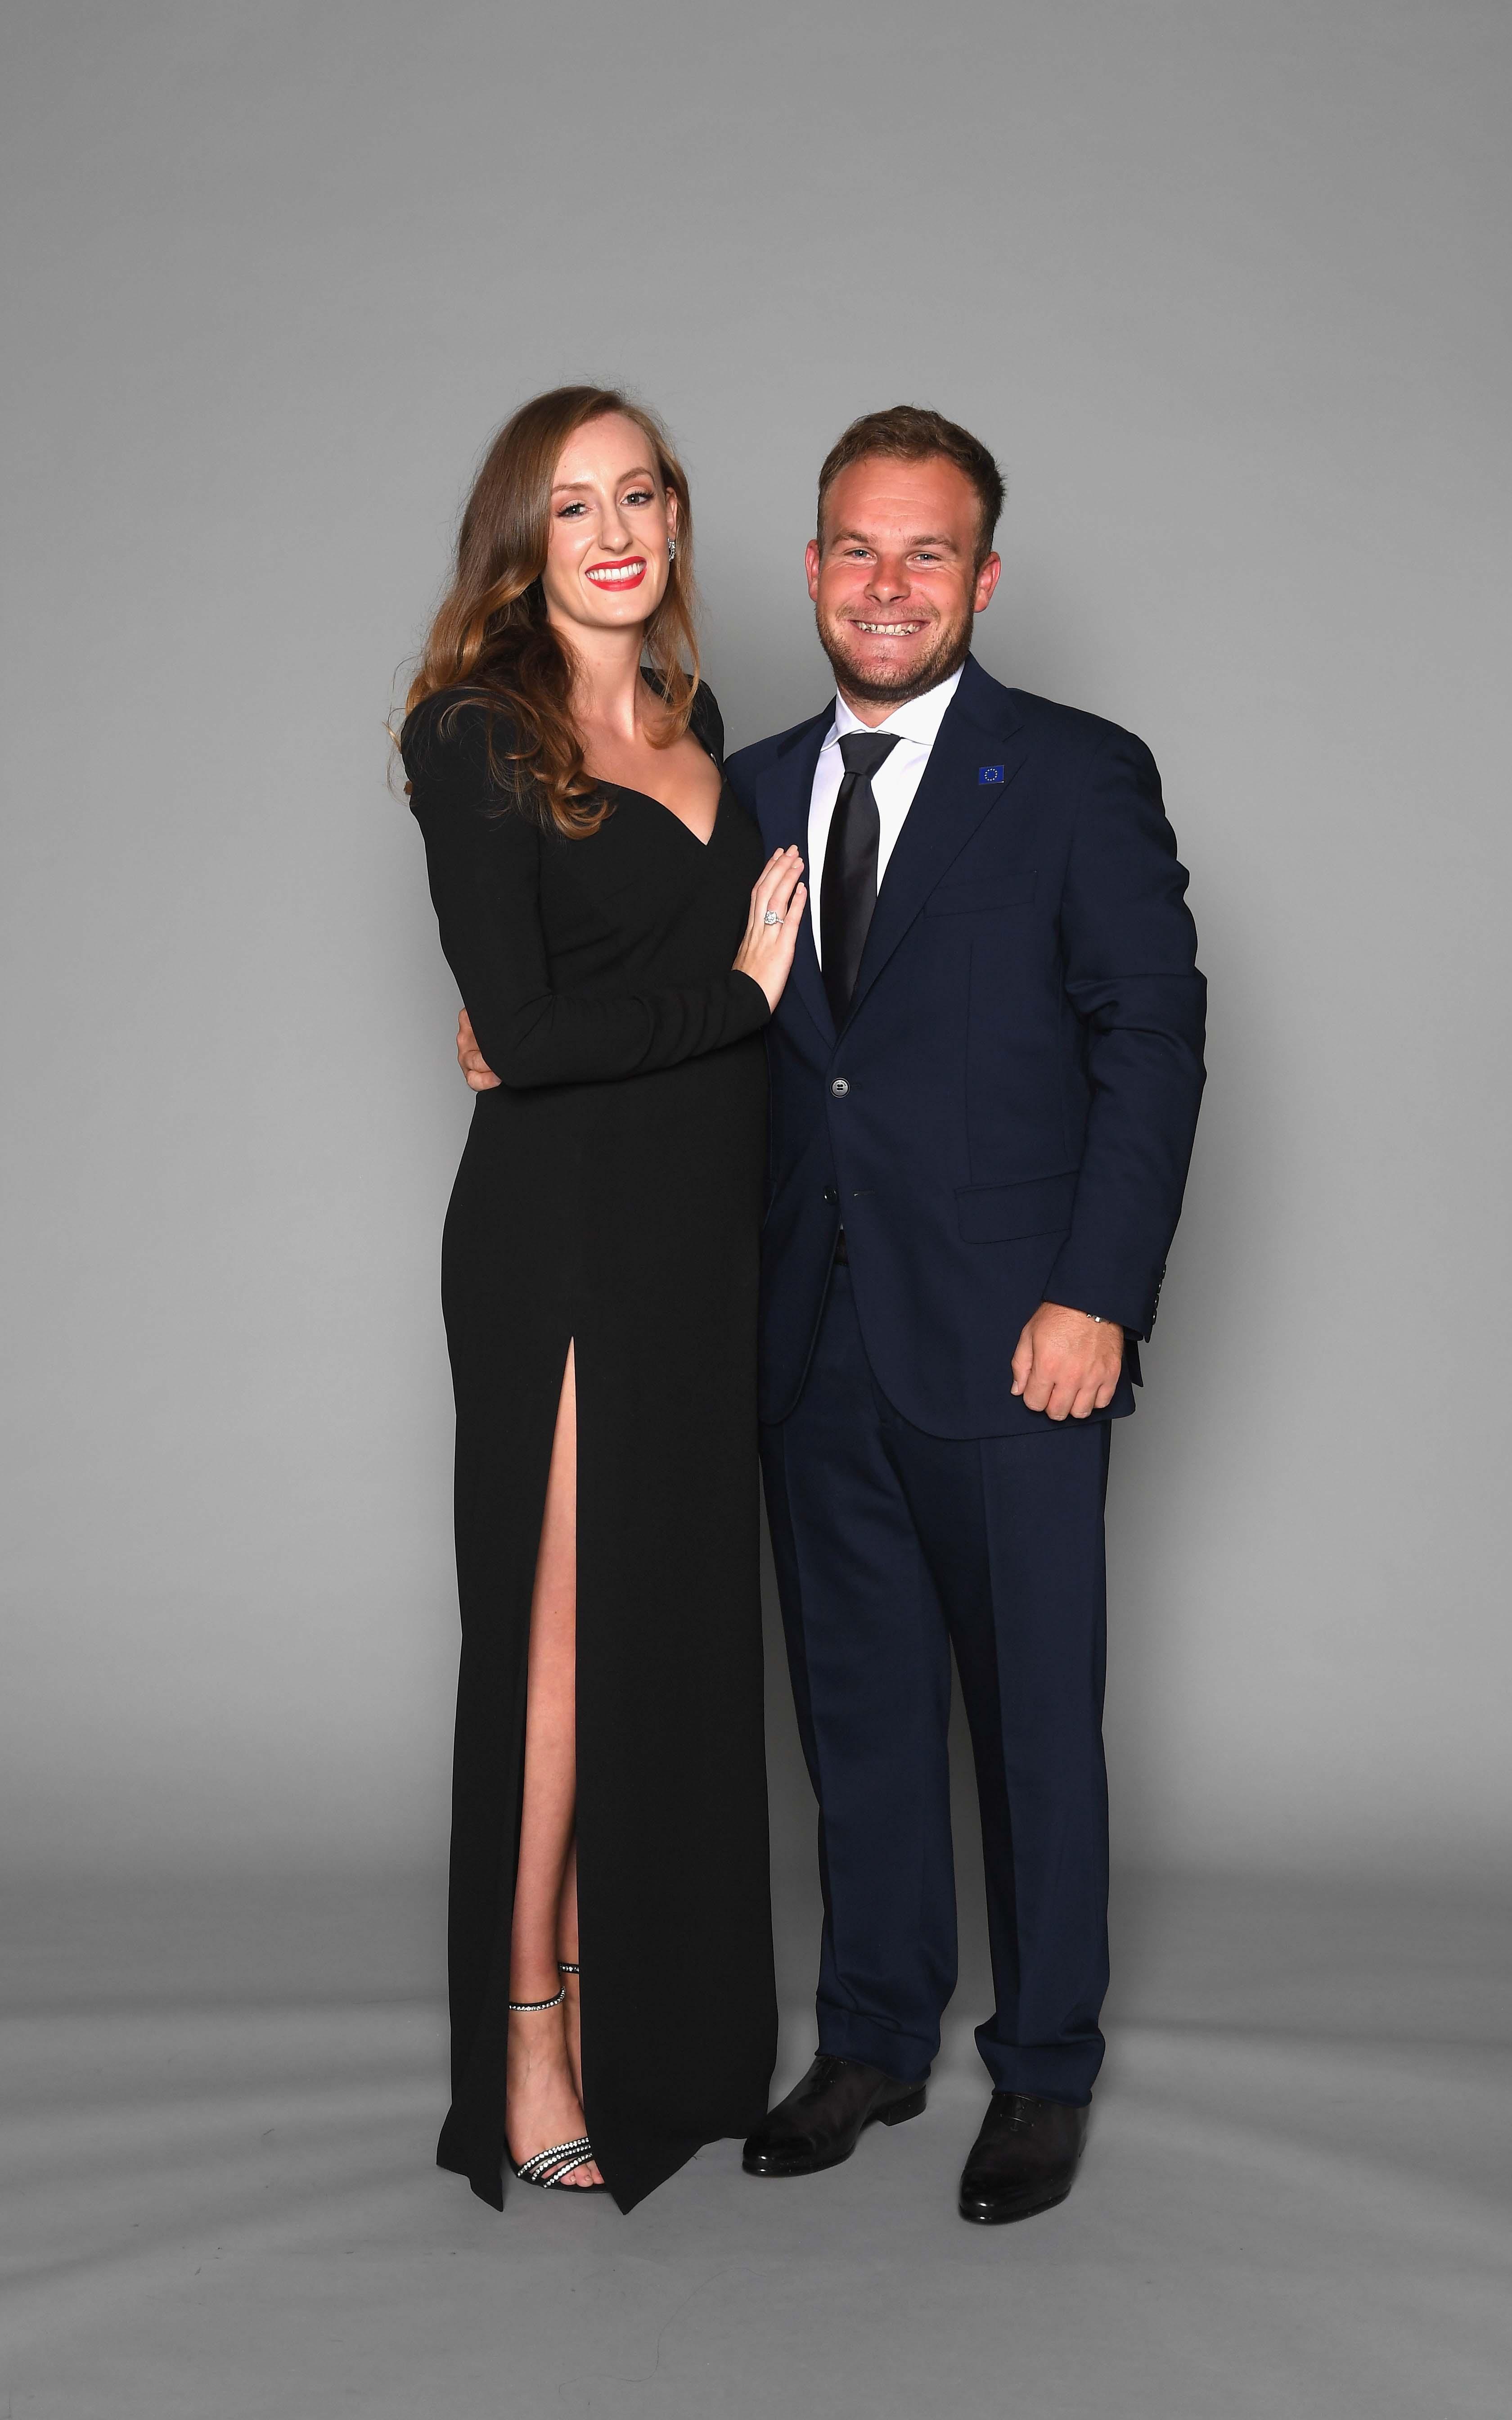 Tyrrell Hatton and girlfriend Emily Braisher